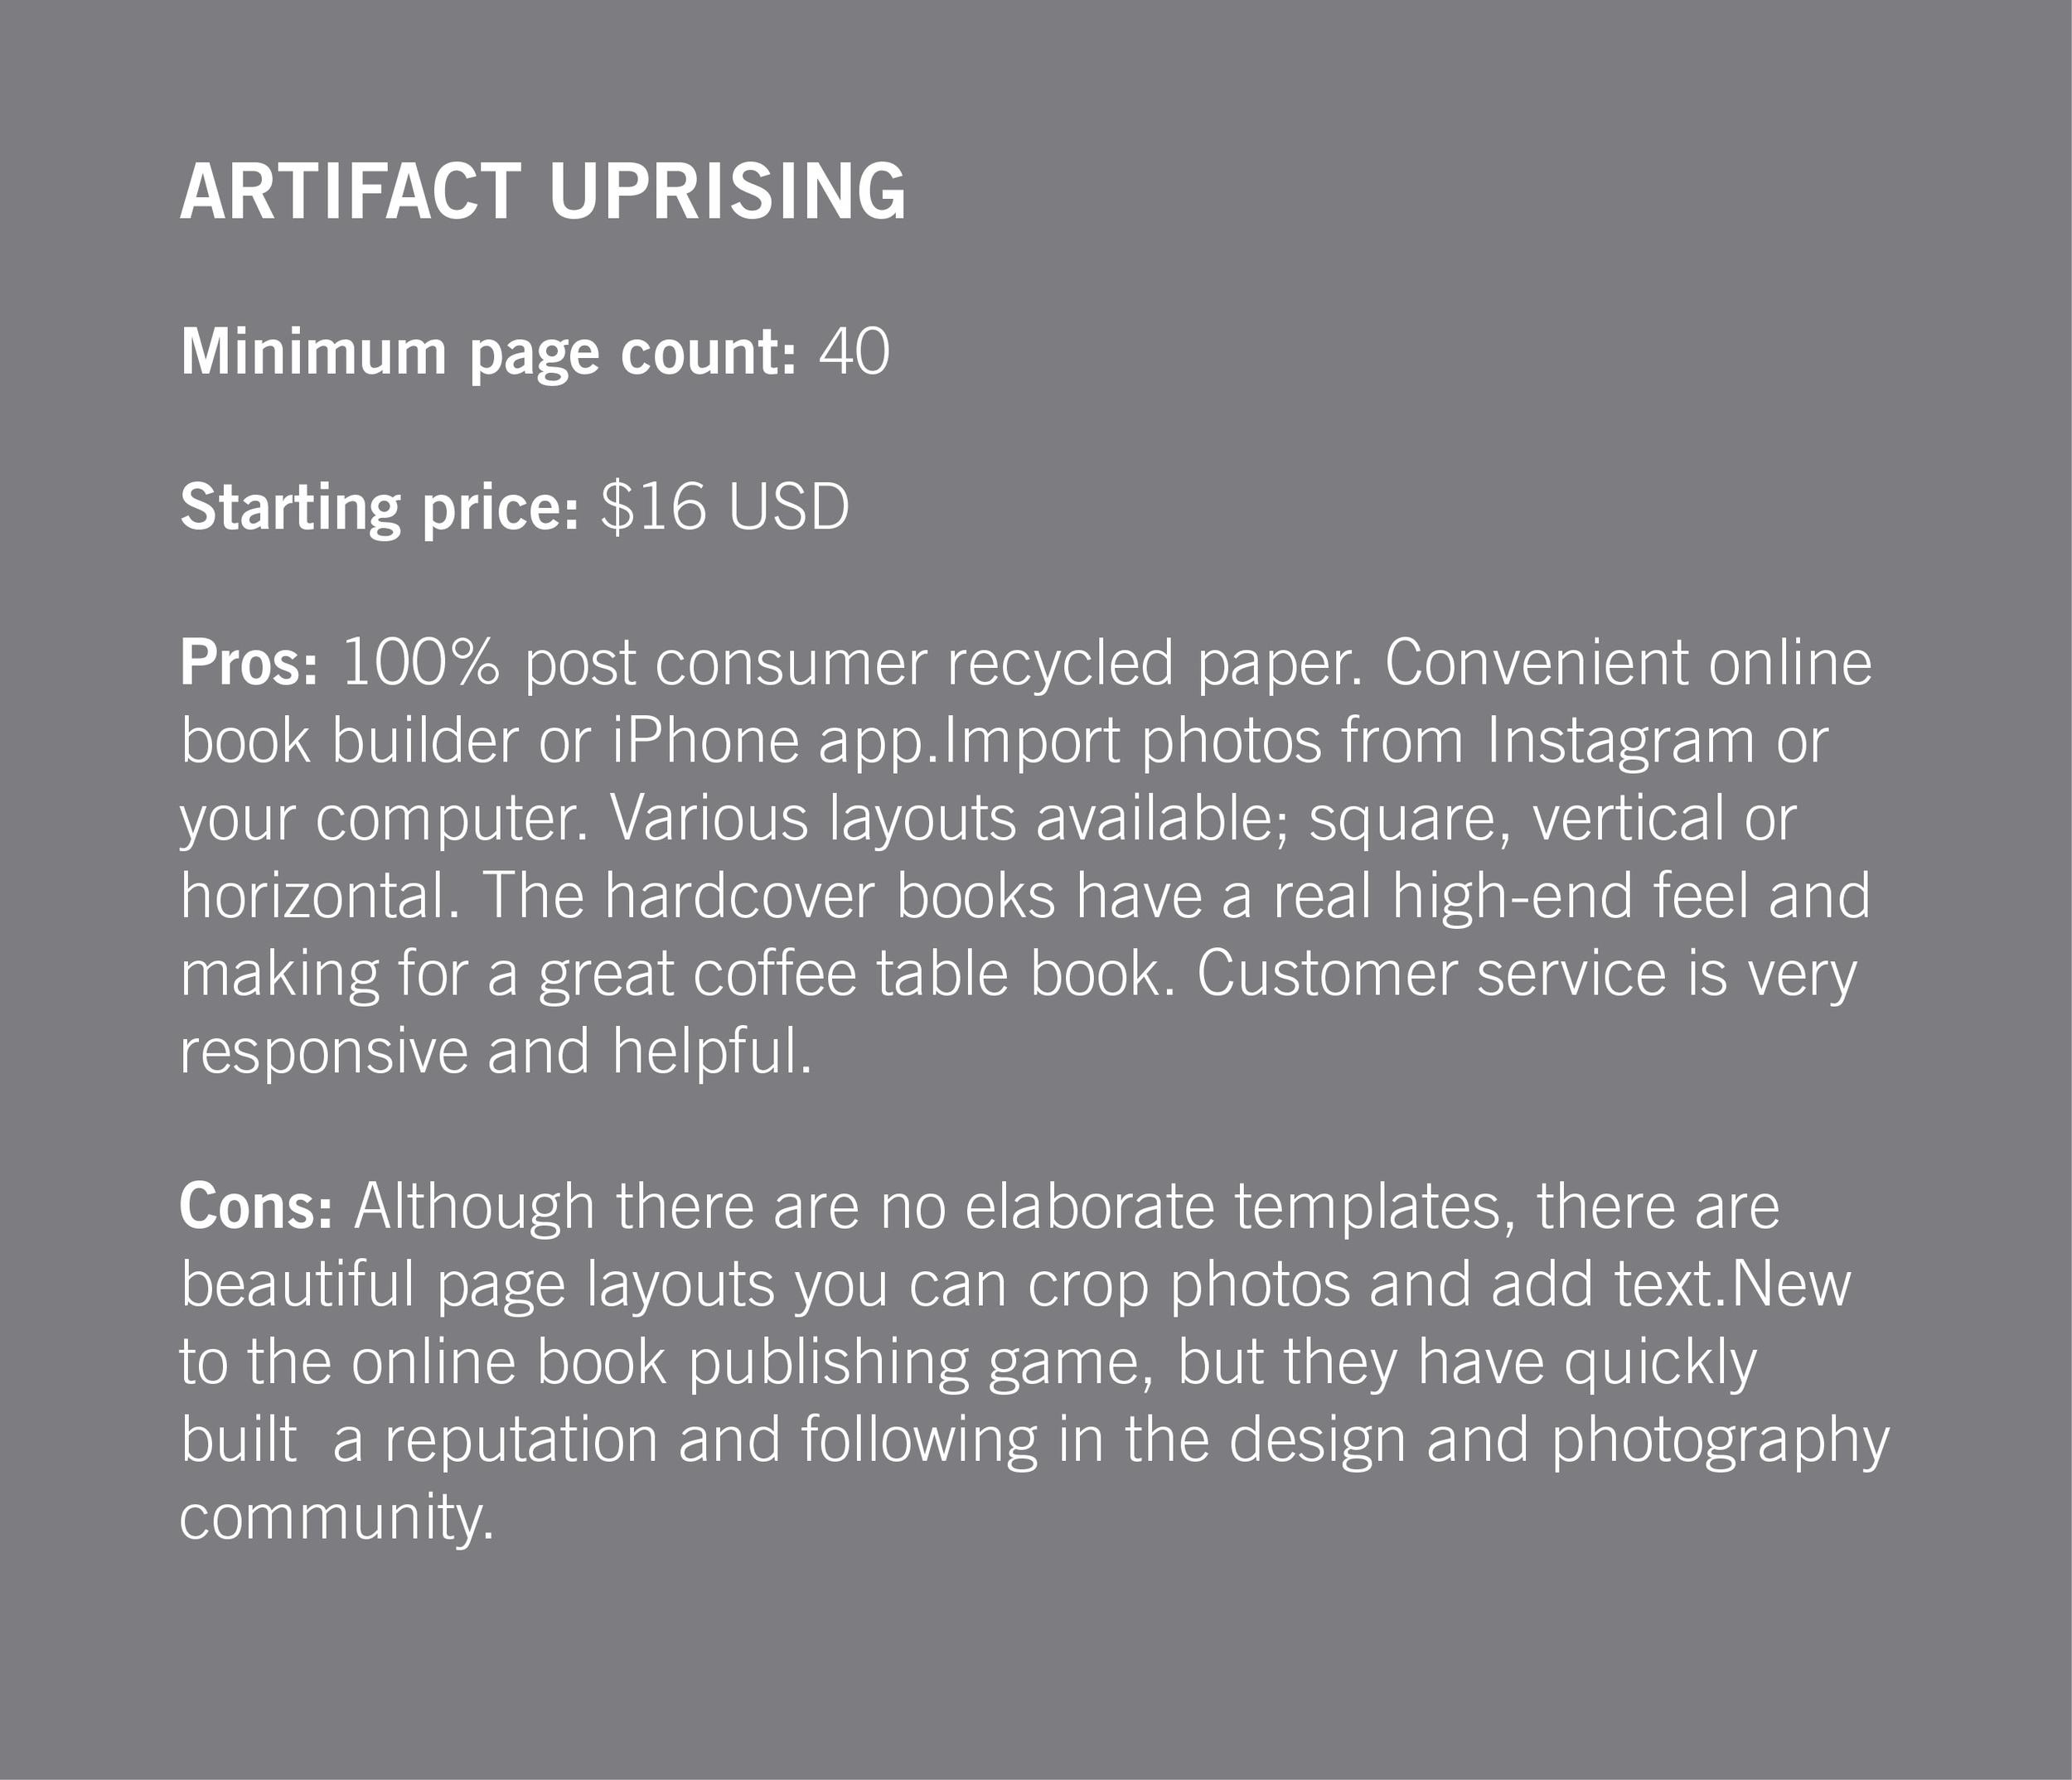 artifactuprising.com